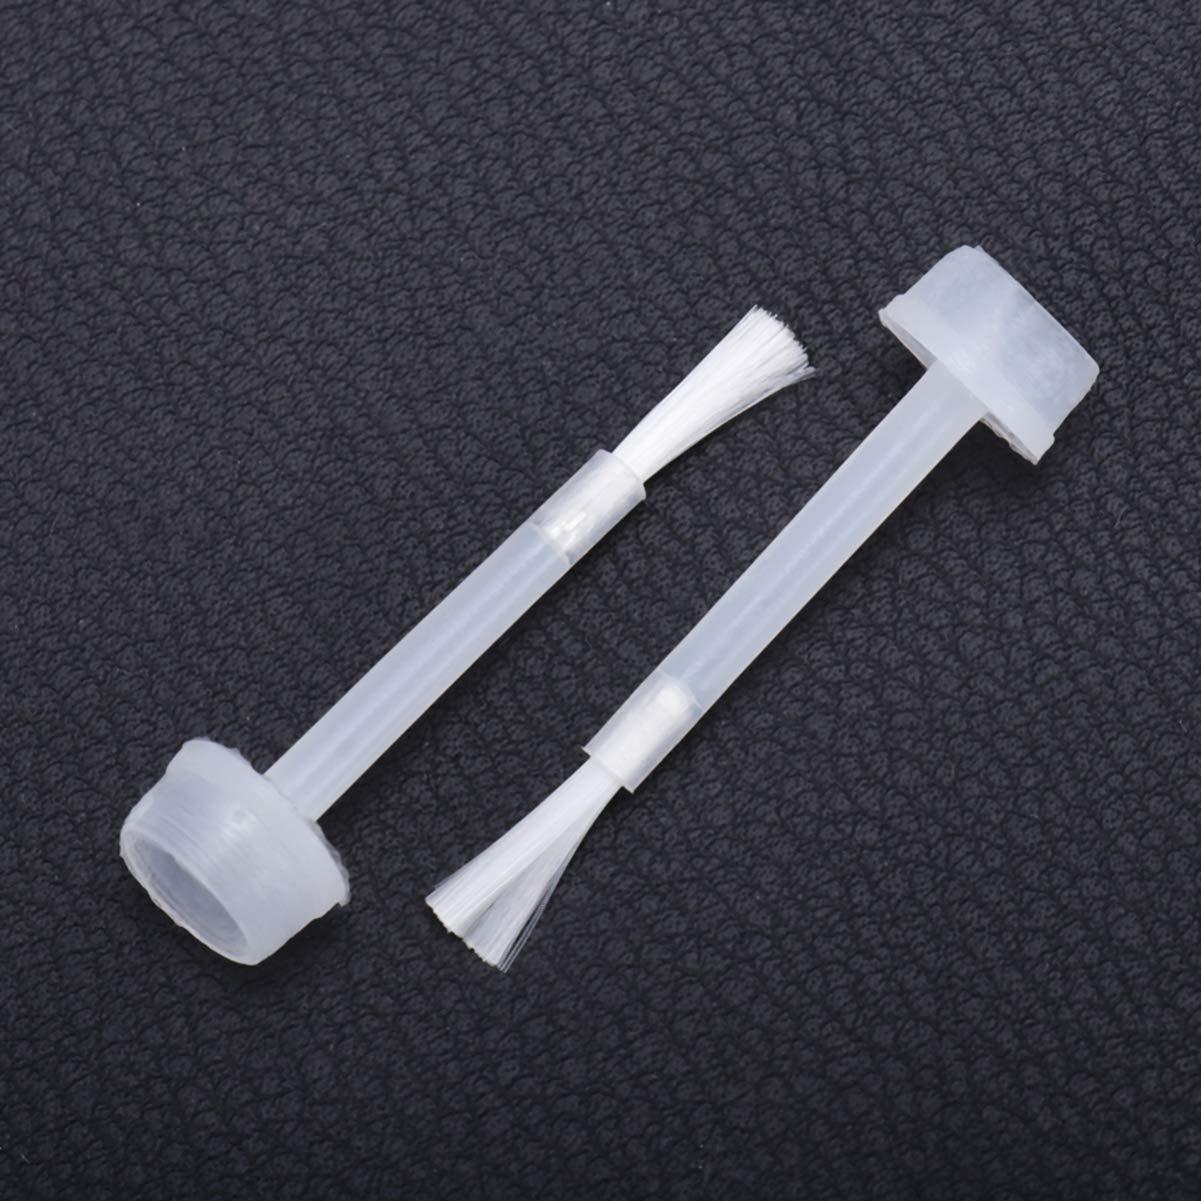 Nail Polish Brush, Nail Dipping Powder Liquid Brushes Set for Water-based Nail Polish 100pcs